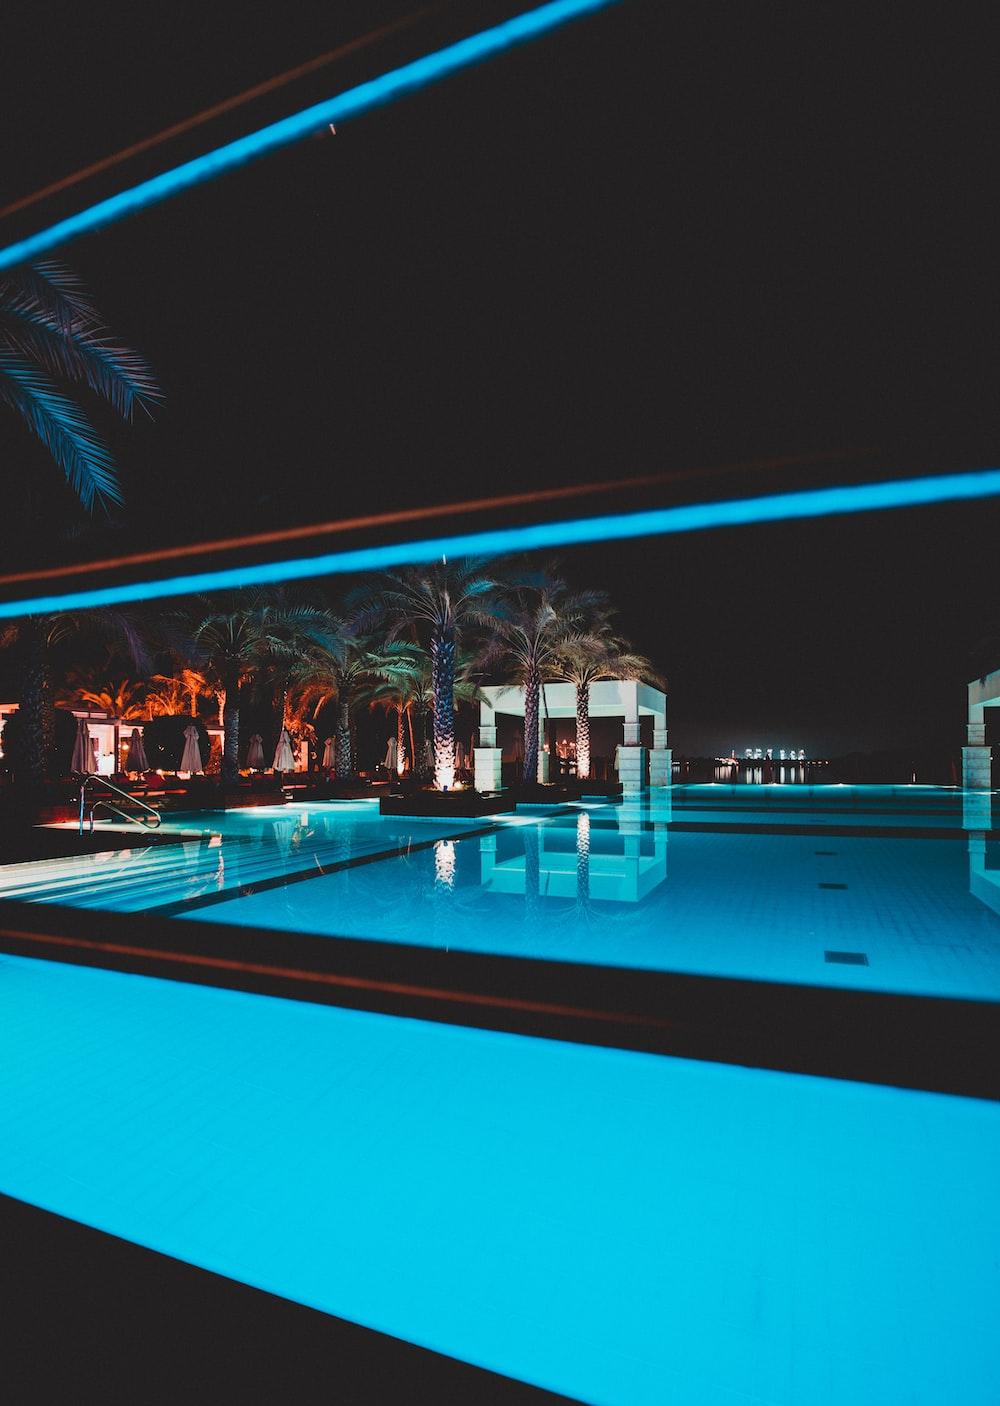 swimming pool at night-time